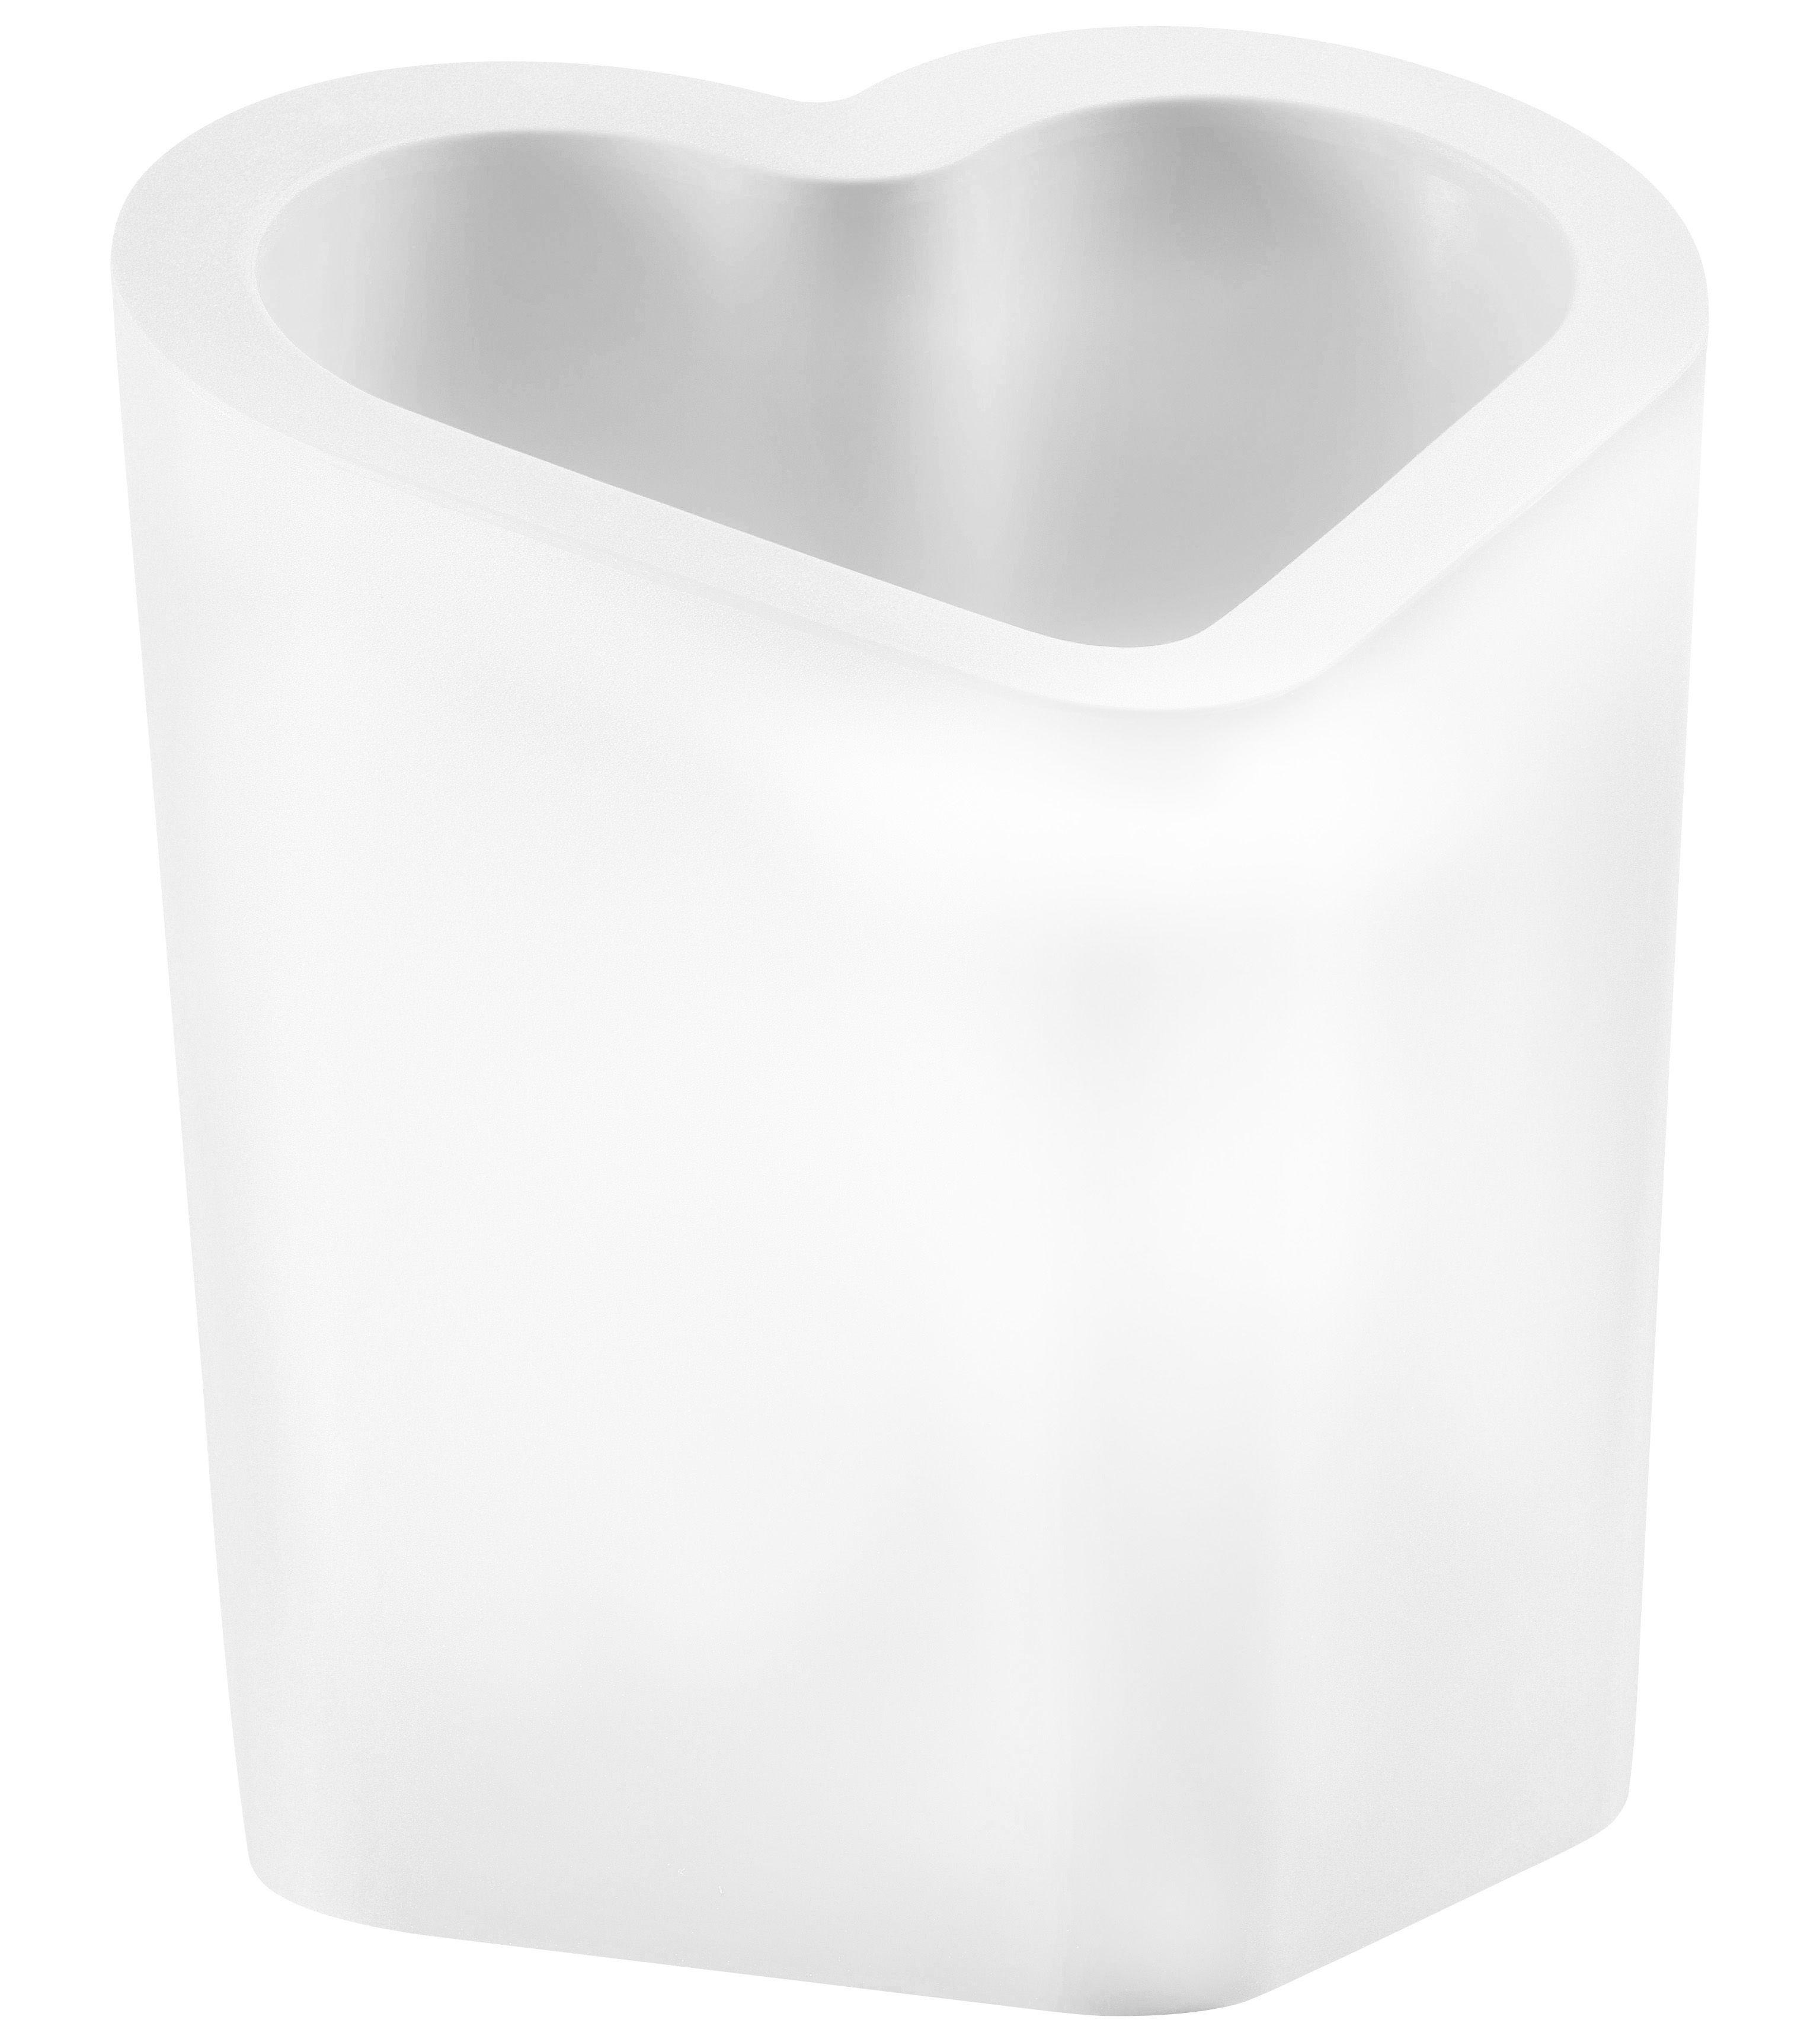 Möbel - Leuchtmöbel - Mon Amour leuchtender  Flaschenhalter - Slide - Weiß - für den Außeneinsatz geeignet - polyéthène recyclable